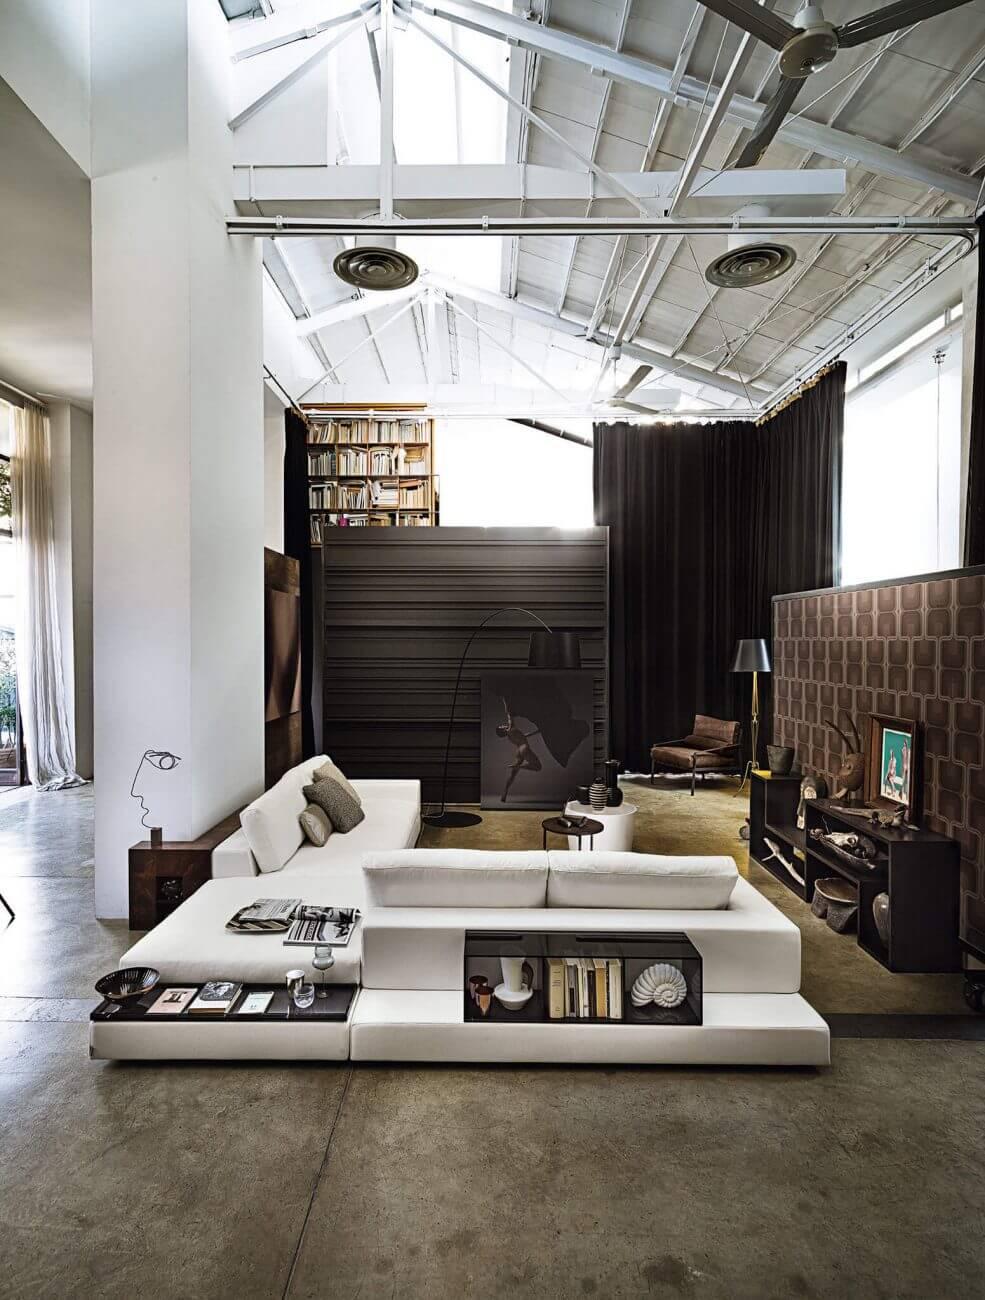 Arketipo, sofa Plat design by Manzoni e Tapinassi